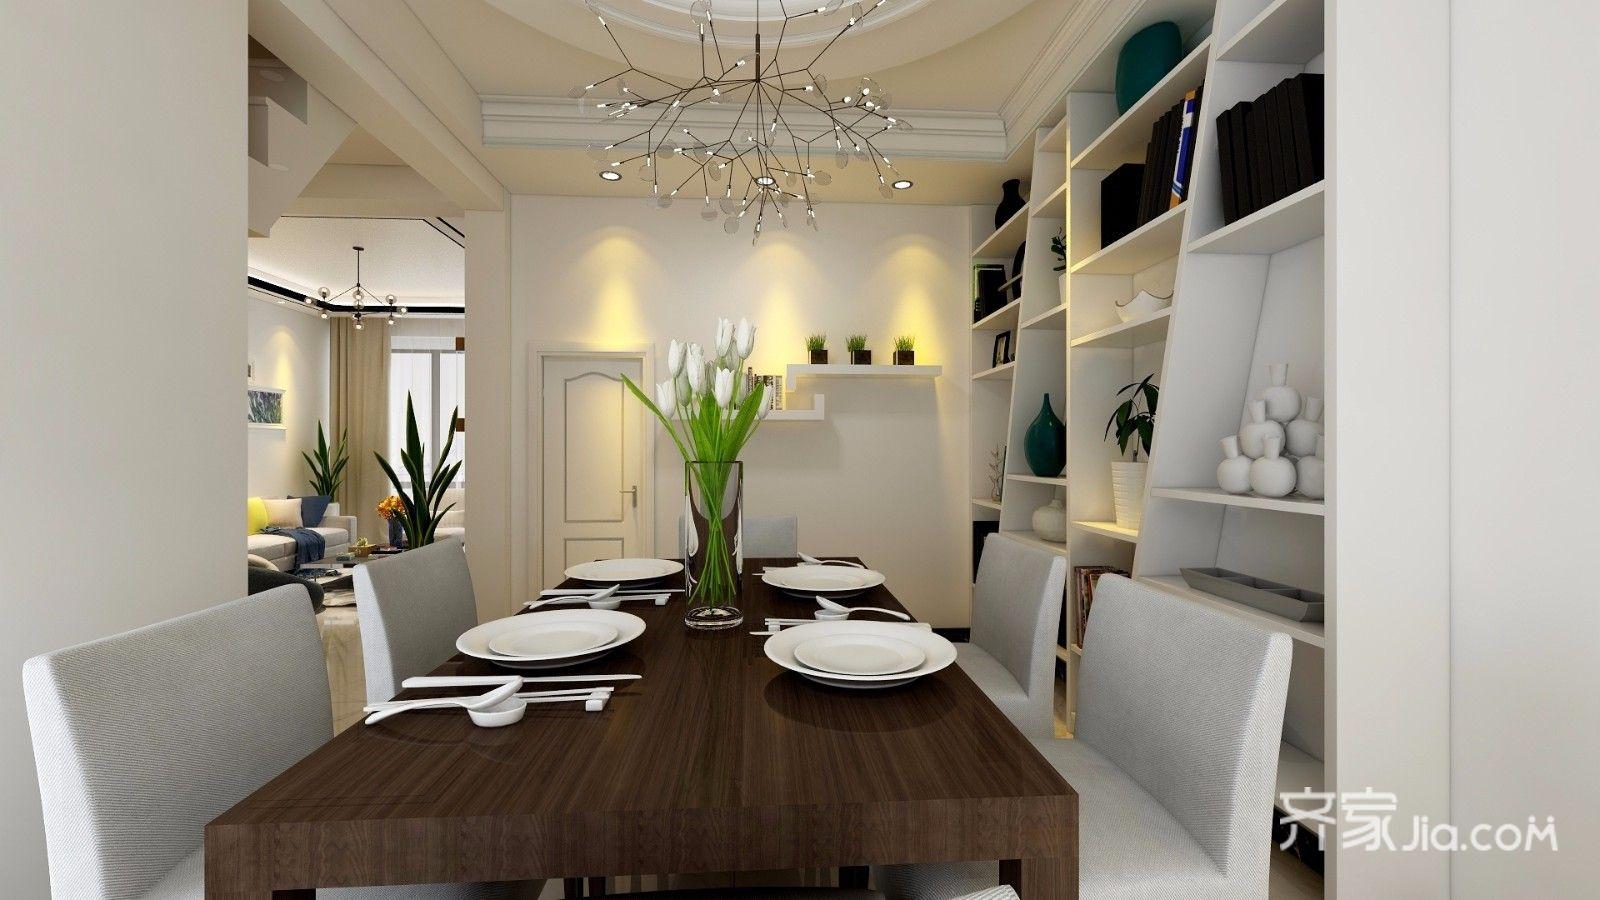 简约风格复式装修餐桌设计图